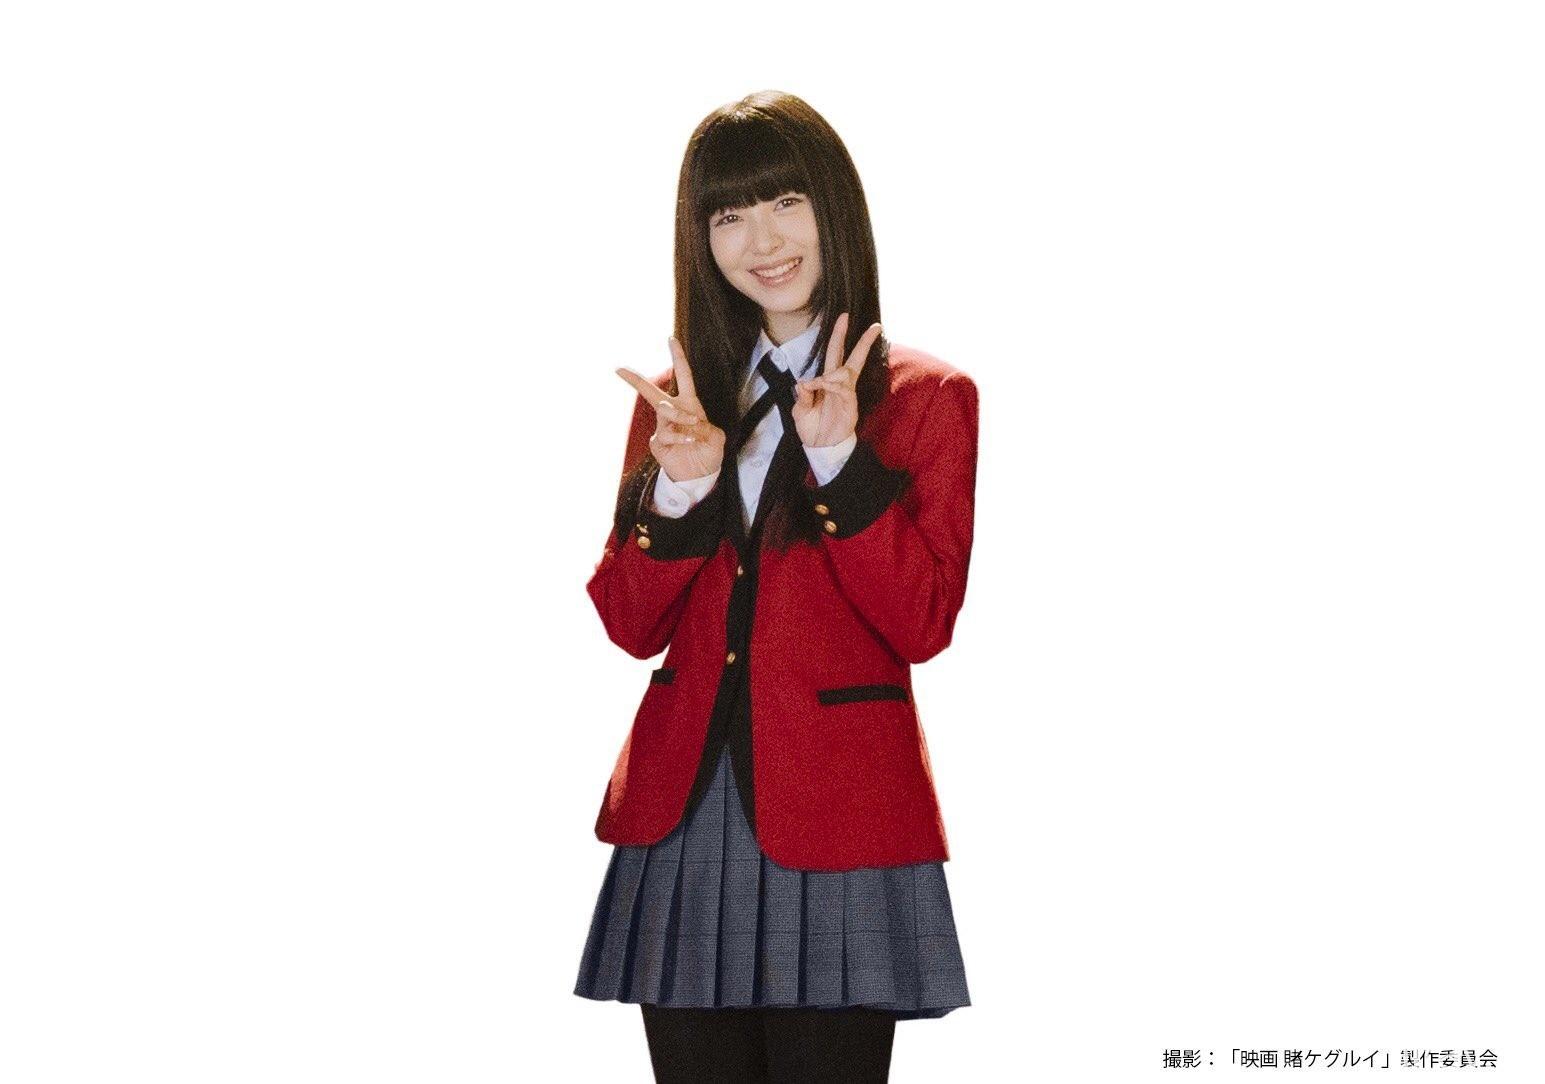 《狂賭之淵》真人電影續作推出確定 預定 2021 年在日本上映 – 瘋資訊